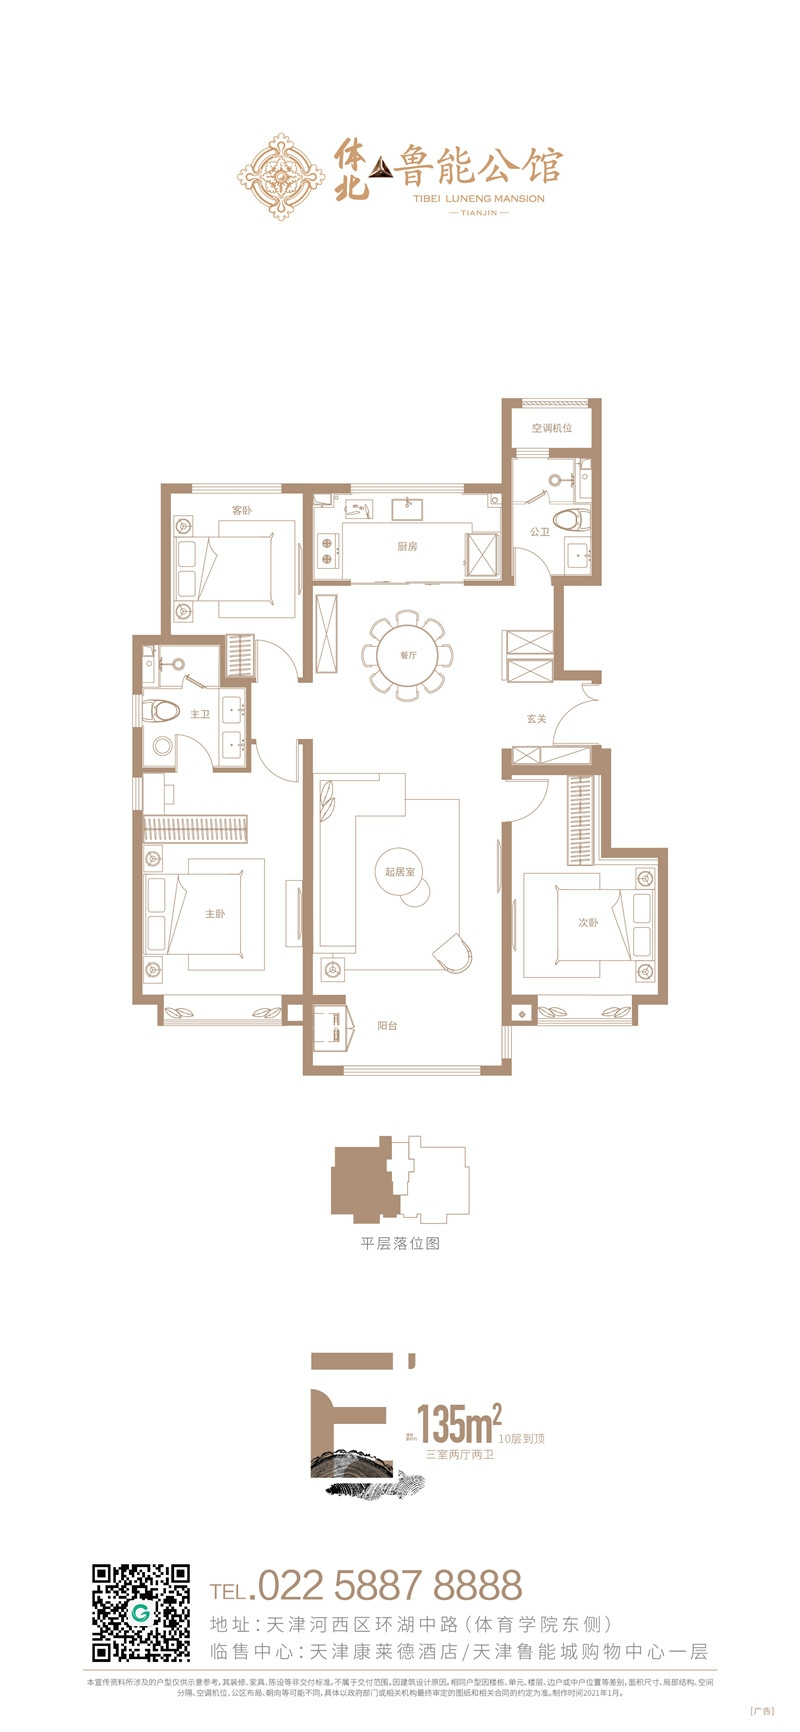 小高层135平米三室两厅两卫